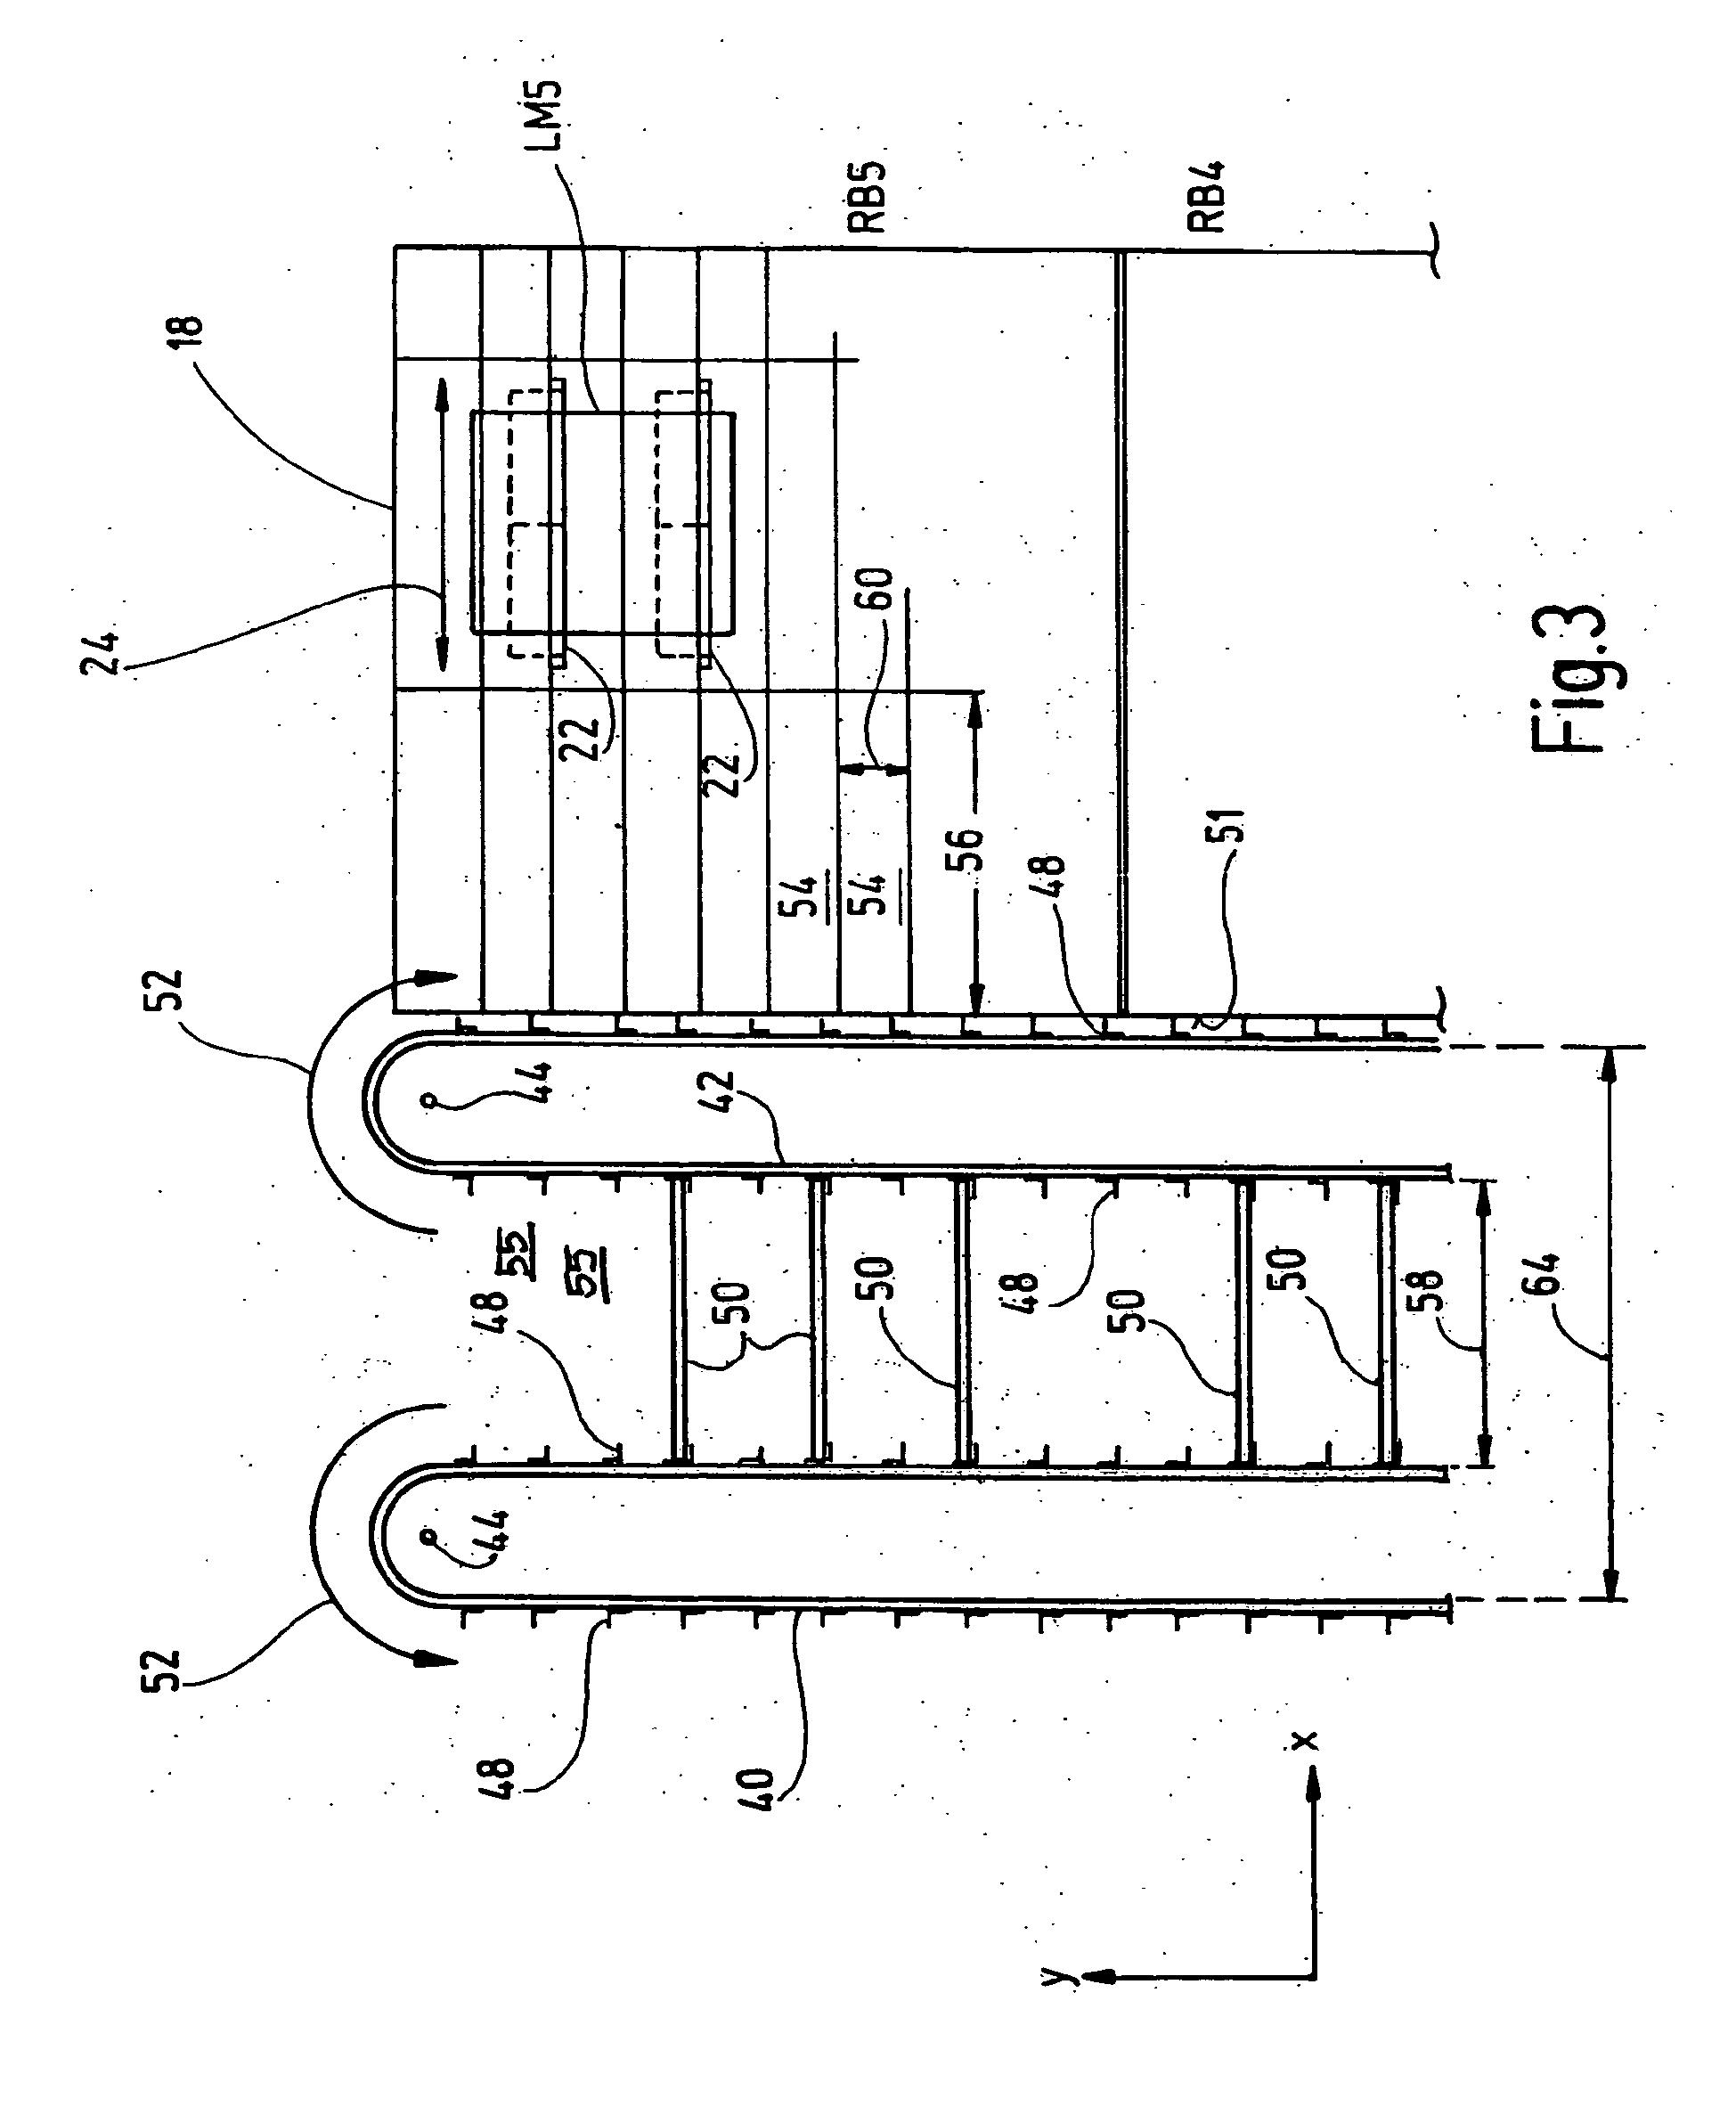 patent ep2132113b1 vertikallift und verfahren zum betreiben eines regals mit vertikallift. Black Bedroom Furniture Sets. Home Design Ideas